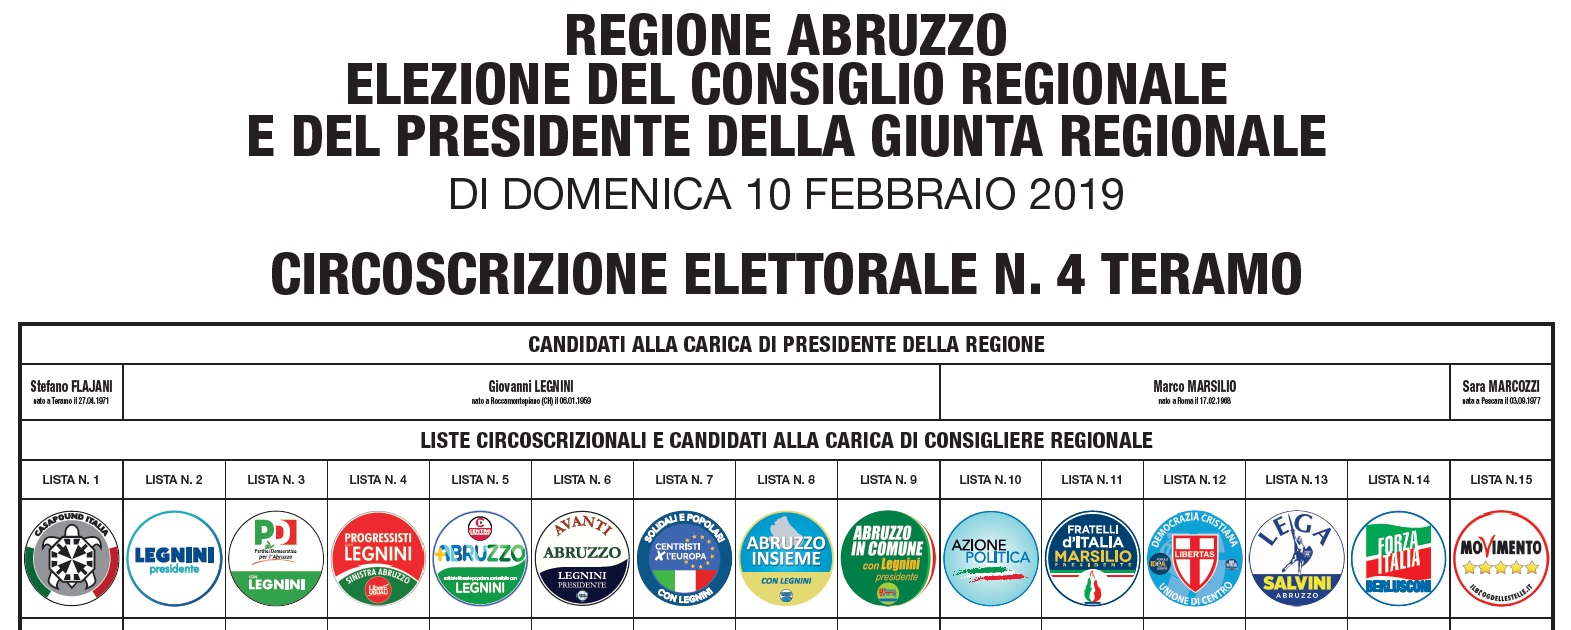 Elezioni Consiglio Regionale Abruzzo – Circoscrizione di Teramo